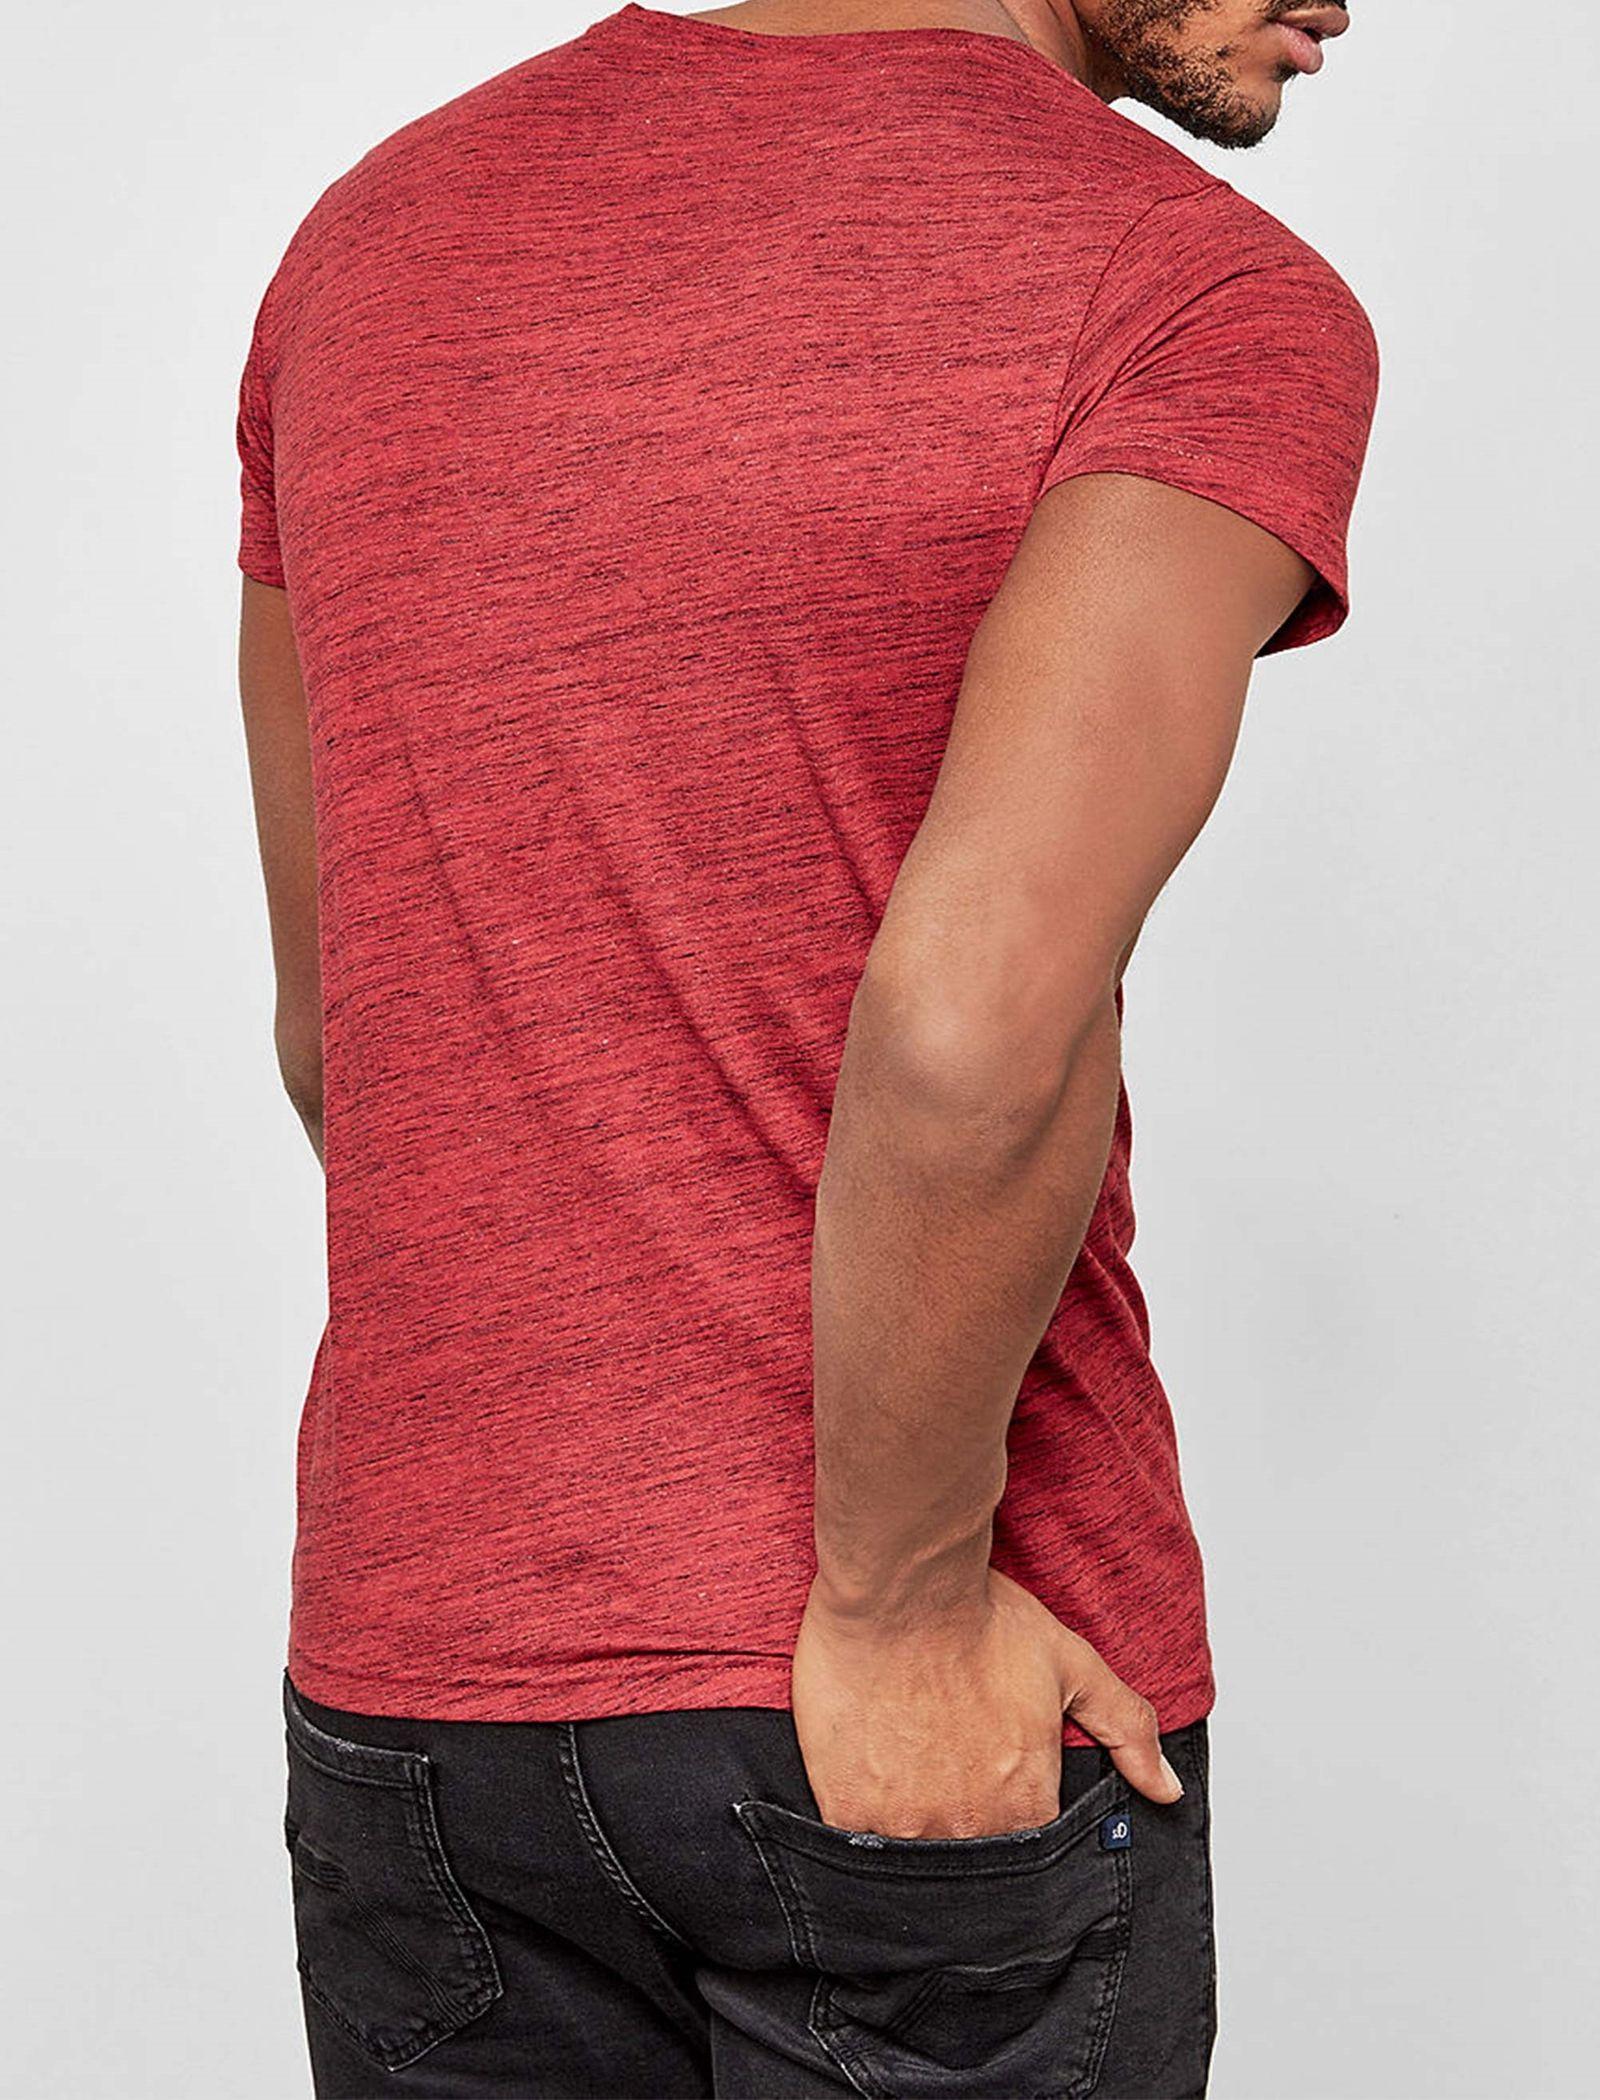 تی شرت نخی یقه گرد مردانه - اس.اولیور - قرمز - 3